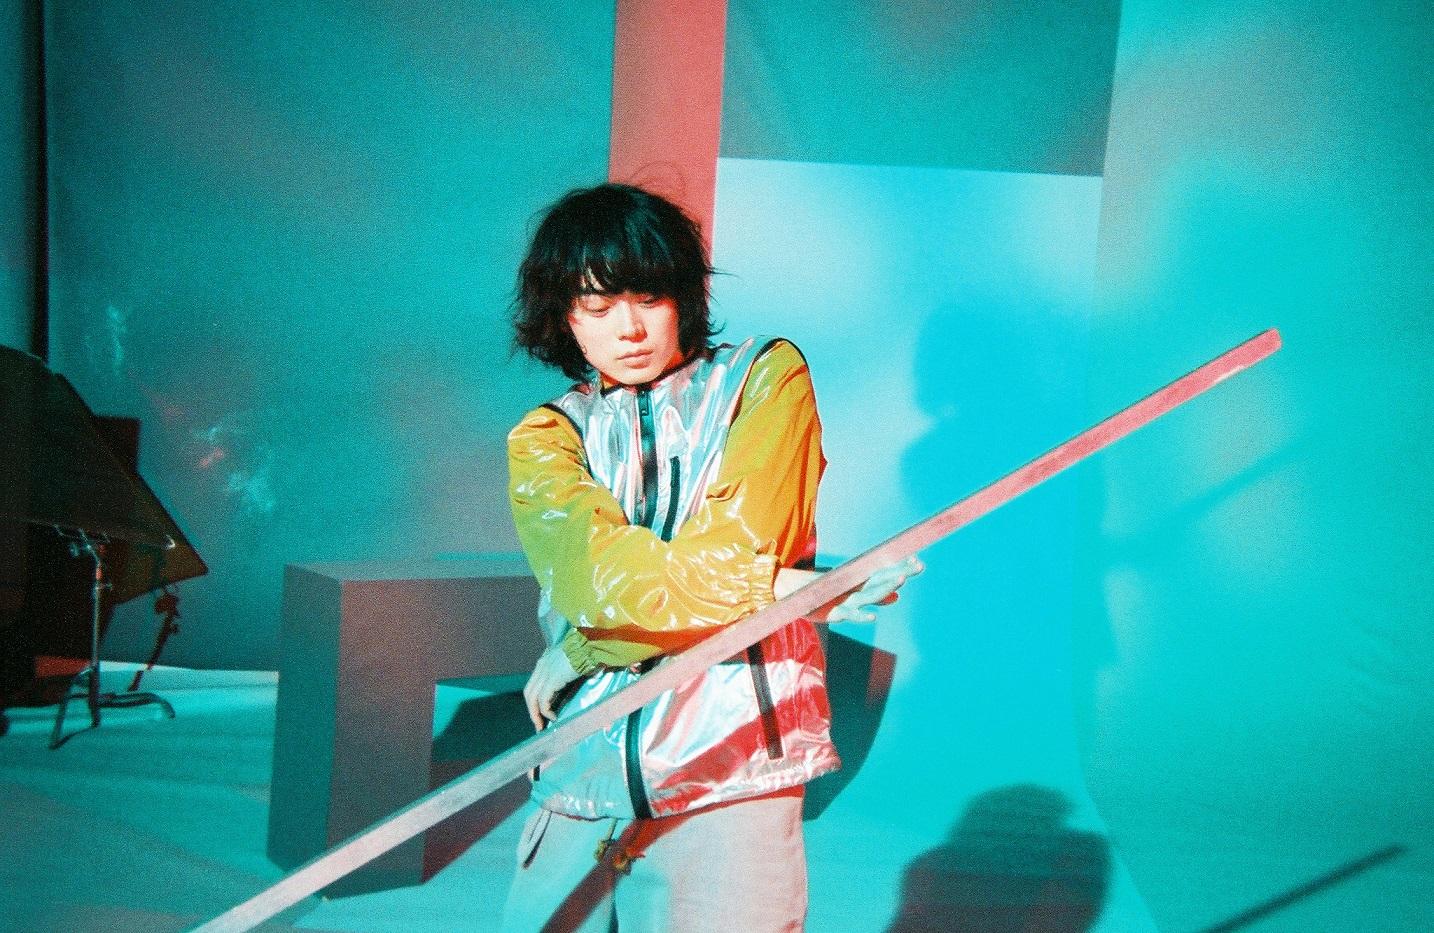 菅田将暉、日本アカデミー賞の裏話明かし、三四郎・相田とは「良い思い出がない」サムネイル画像